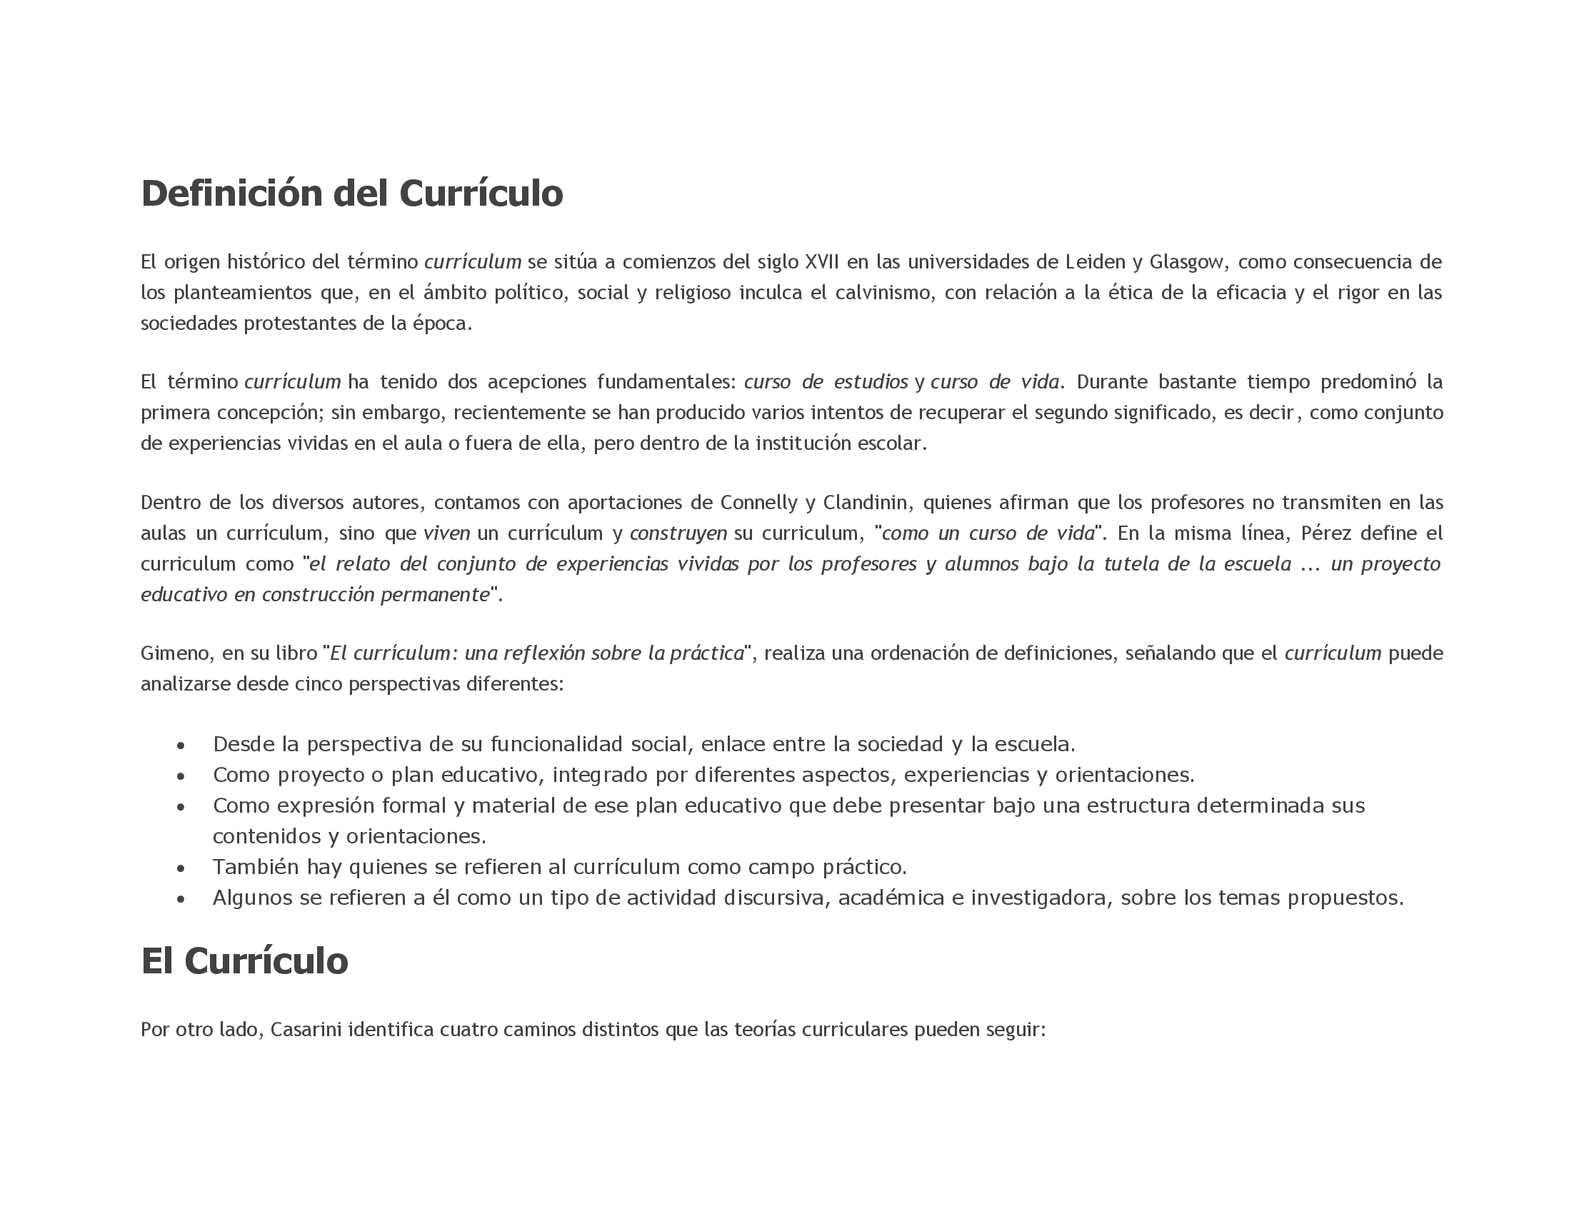 Calaméo Definición Del Currículo